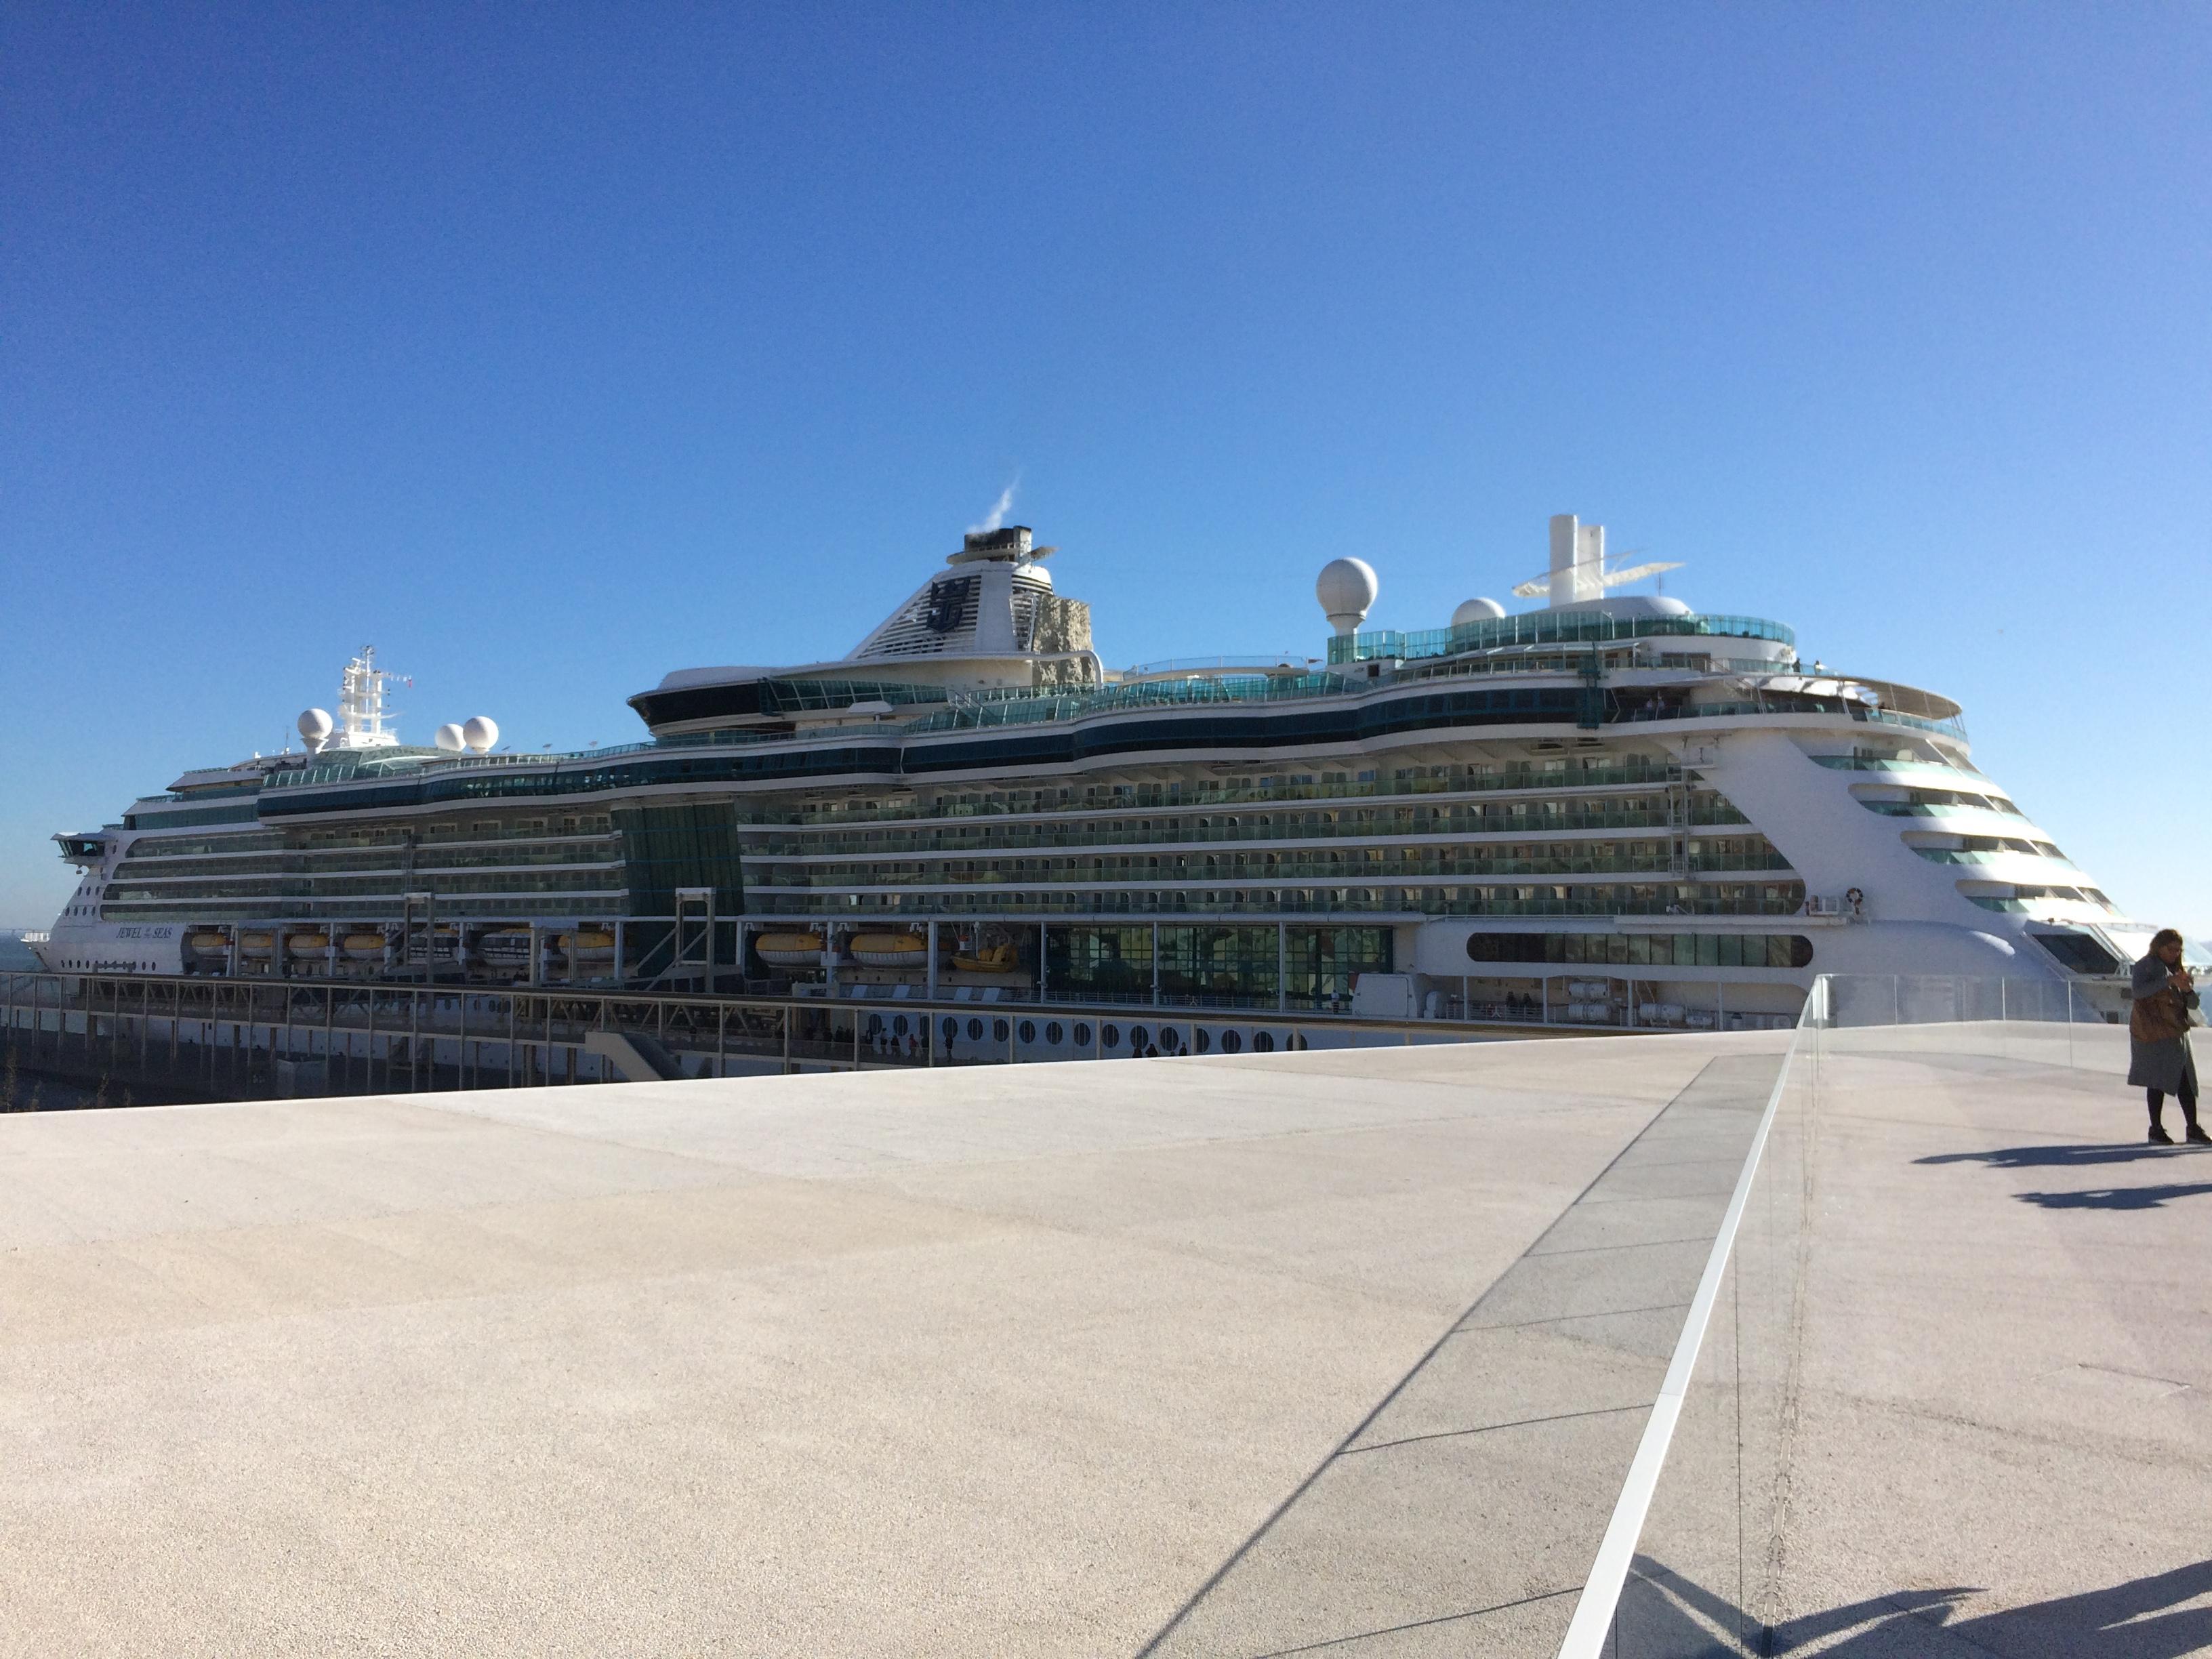 Conheça o novo terminal de cruzeiros de Lisboa hoje inaugurado